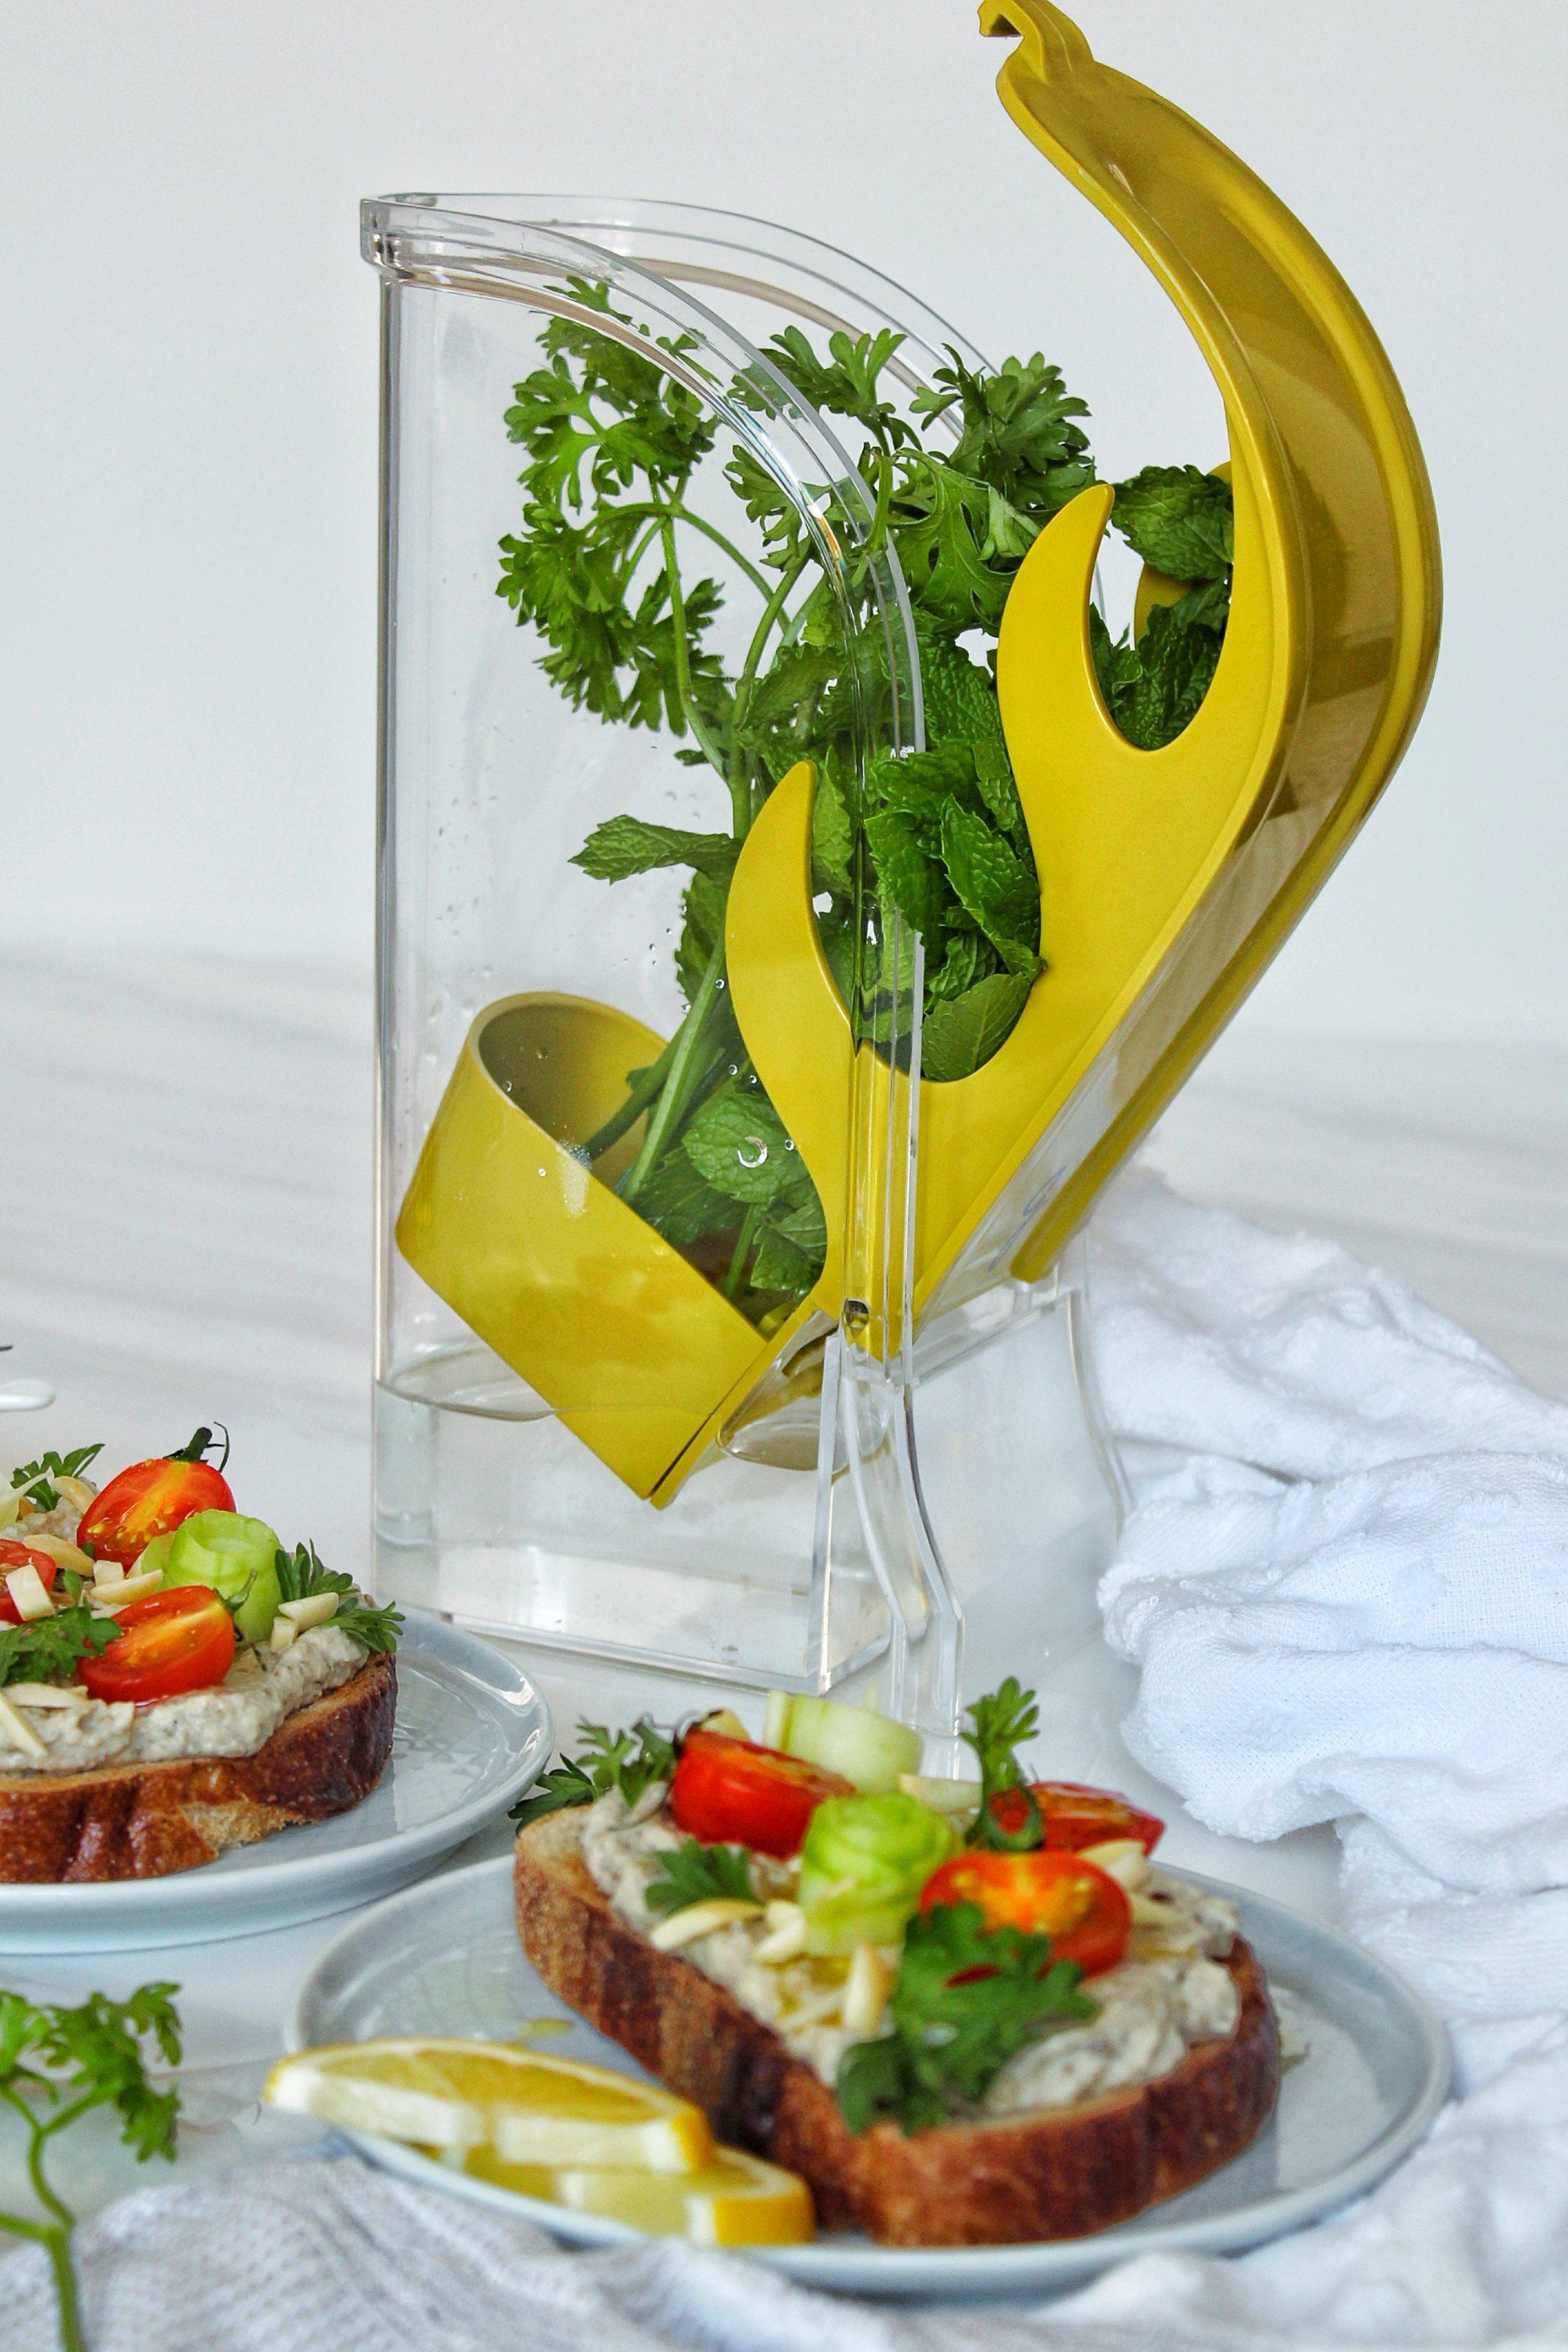 herb saver in kitchen